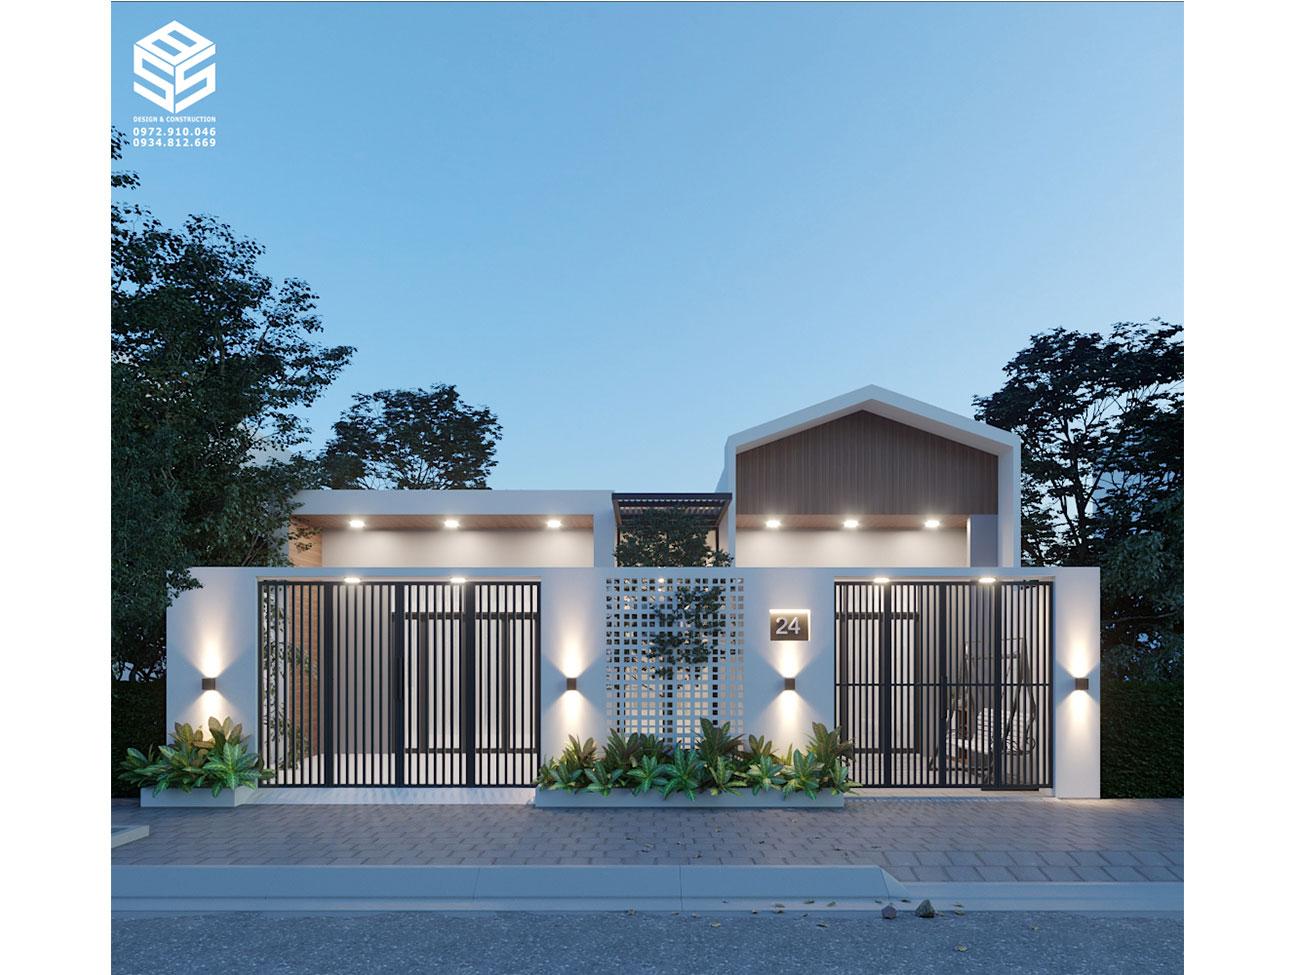 Nhà cấp 4 xinh xắn mà SBS HOUSE thiết kế